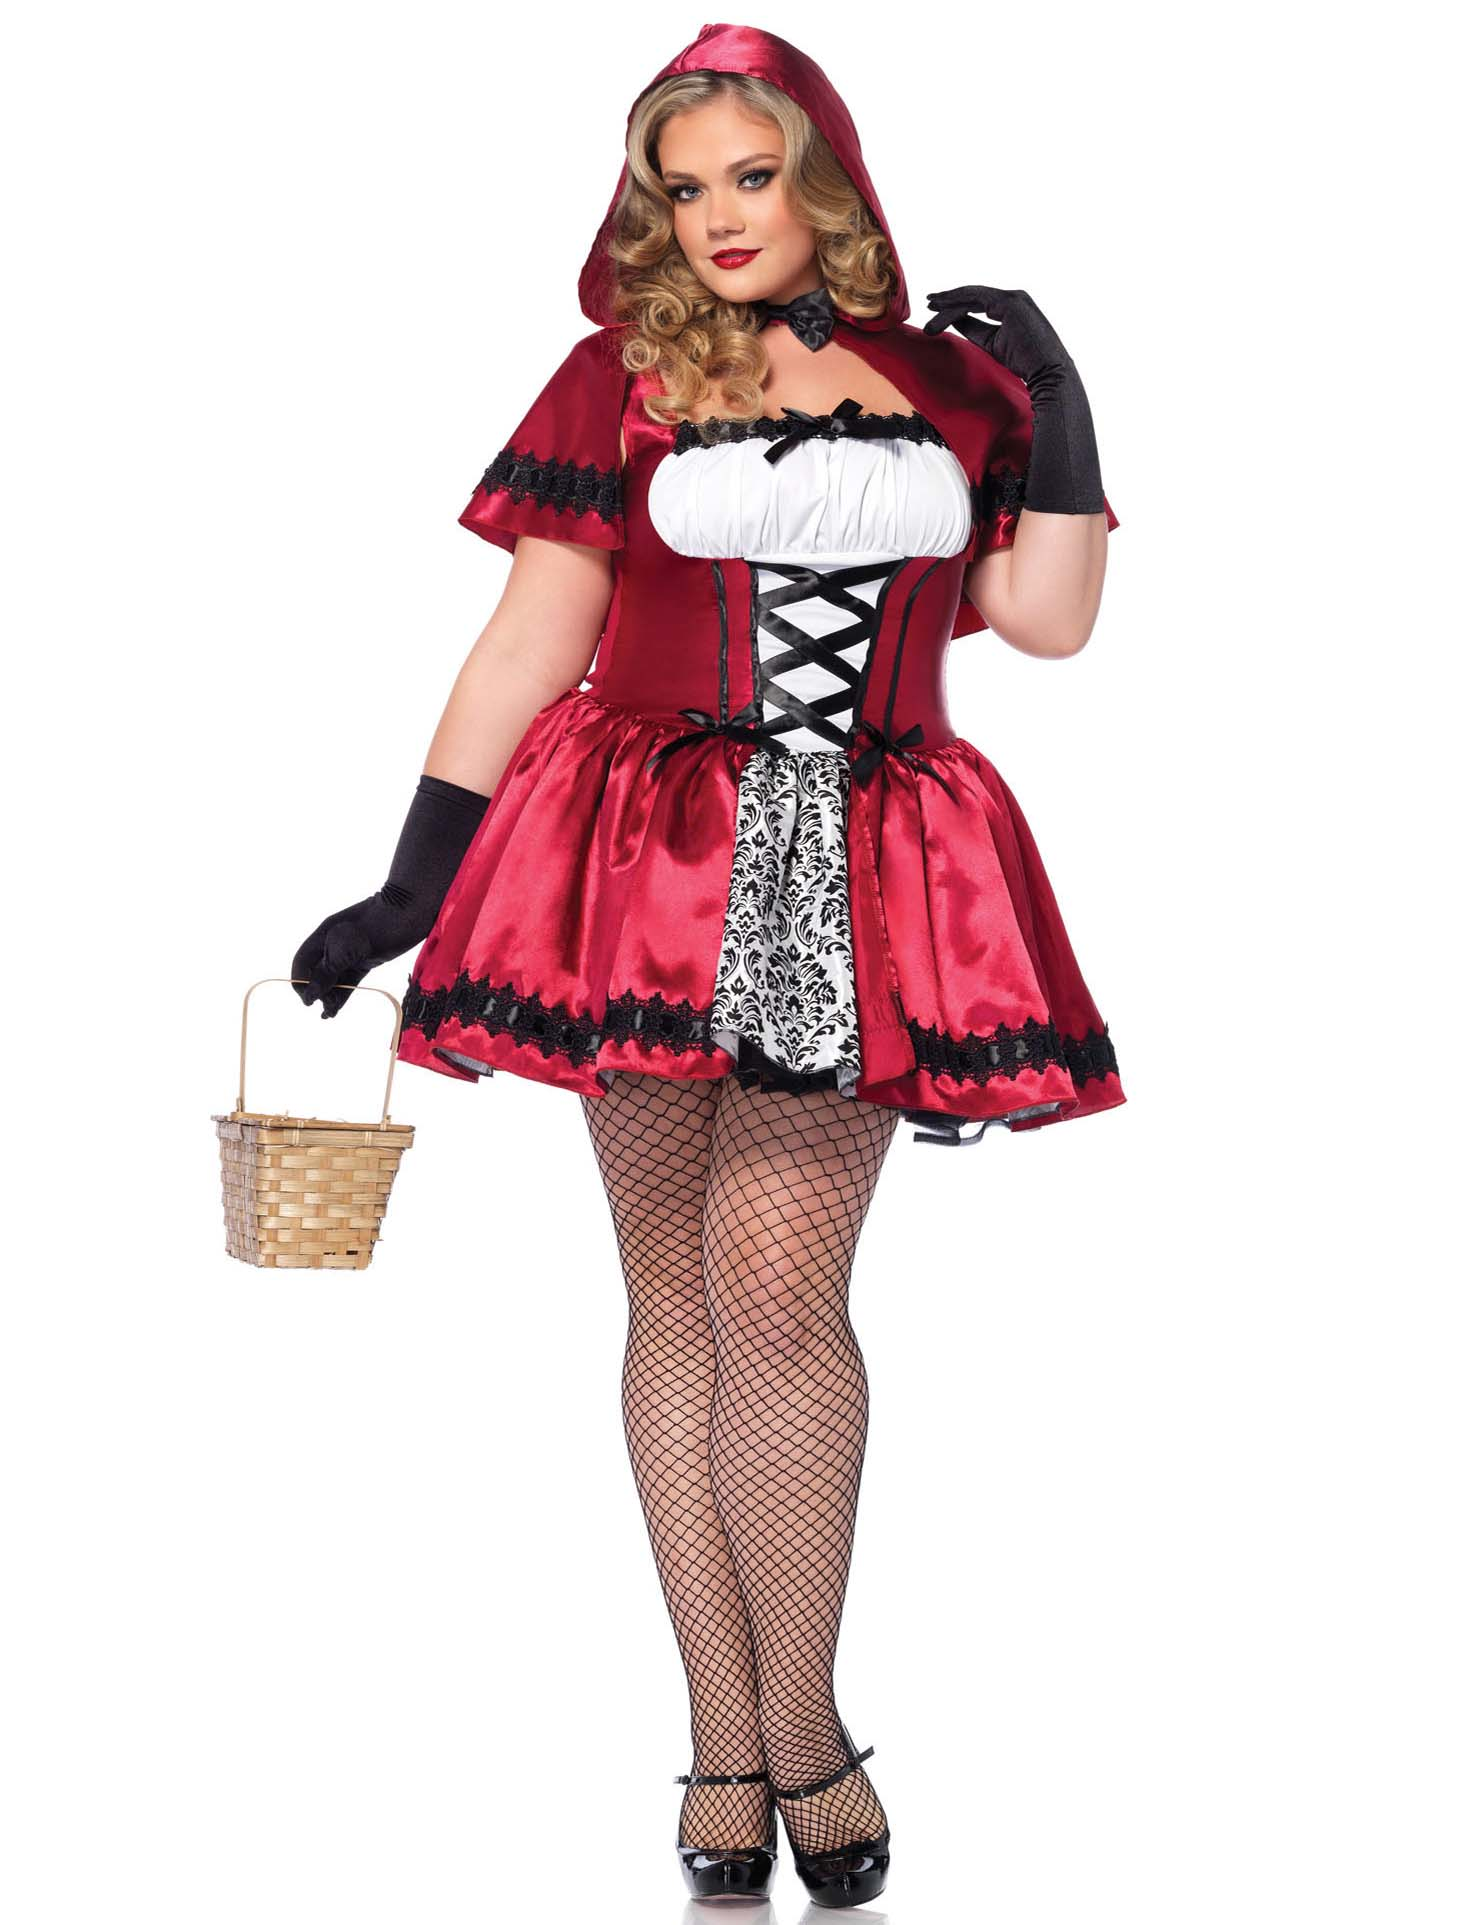 Disfraz Caperucita Roja Mujer Talla Grande Disfraces Adultos Y Disfraces Originales Baratos Vegaoo